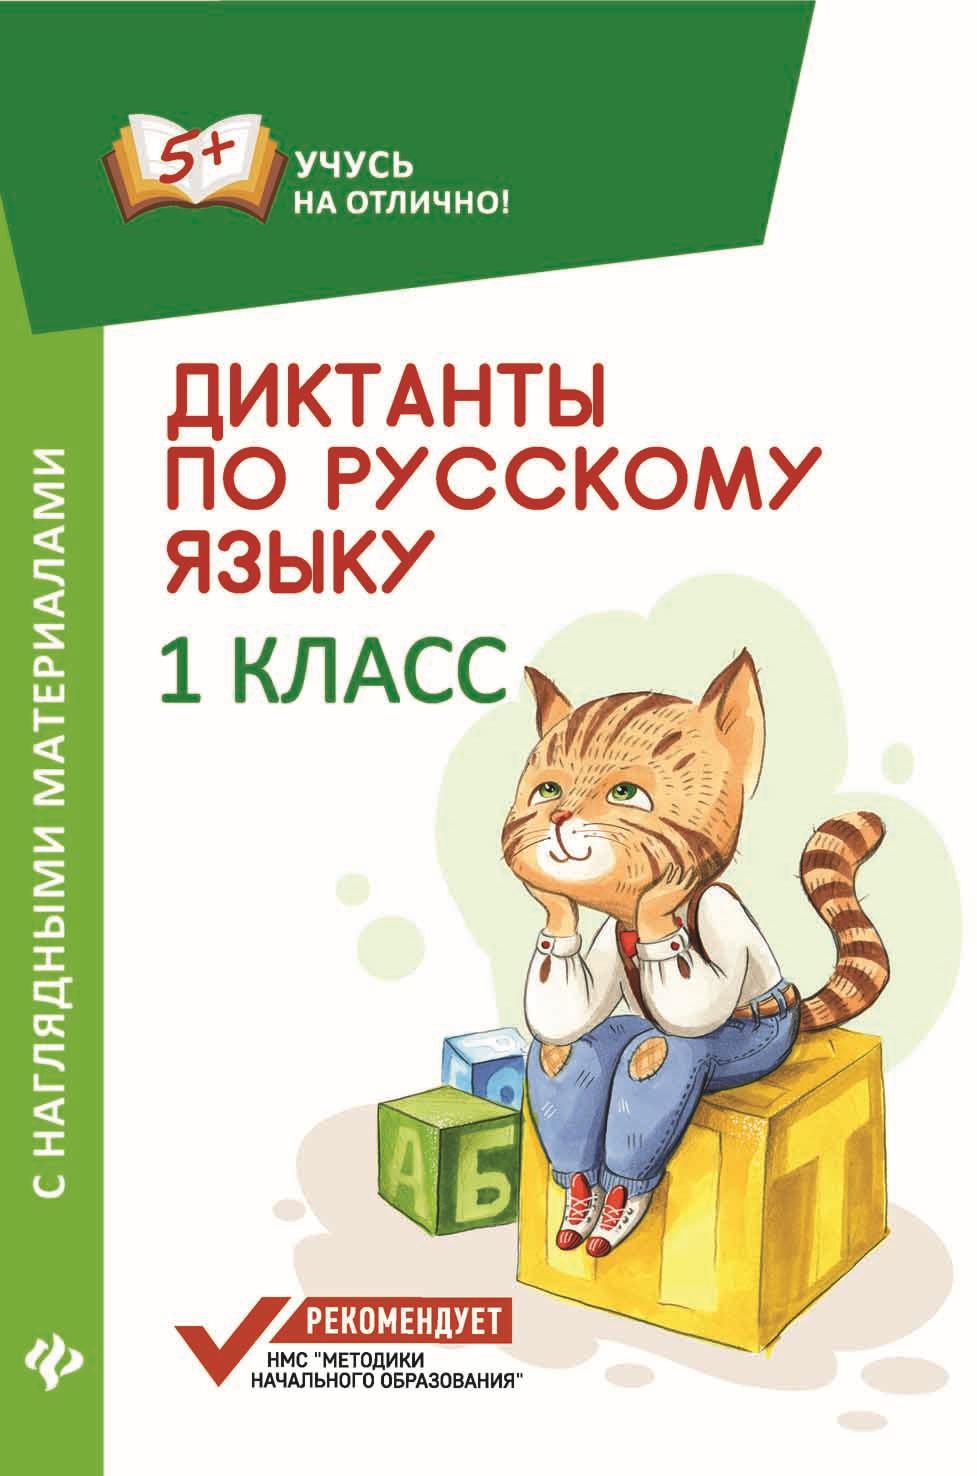 Бахурова Е.П. Диктанты по русскому языку. 1 класс. С наглядными материалами